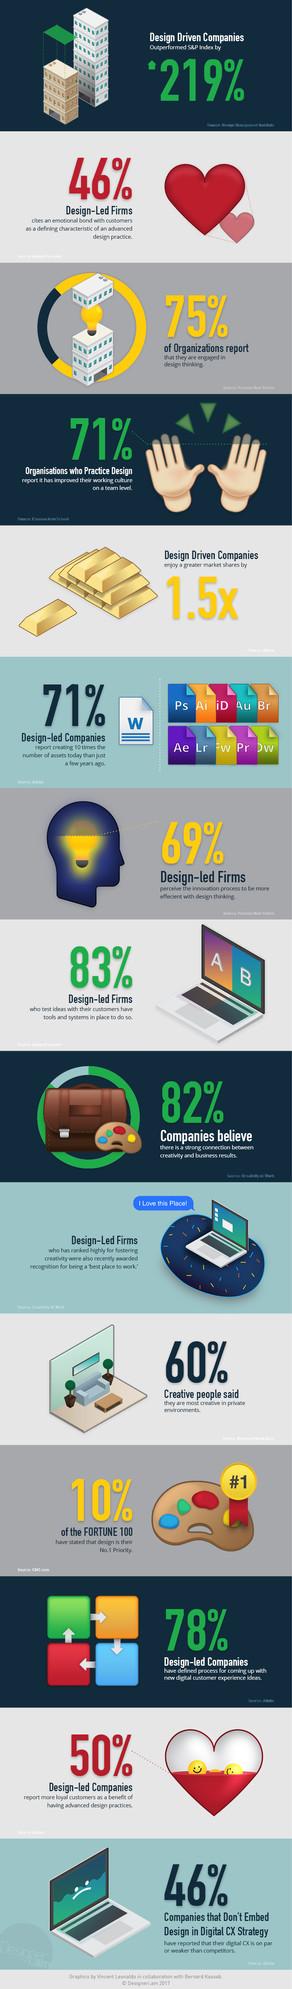 Do You Even Design?